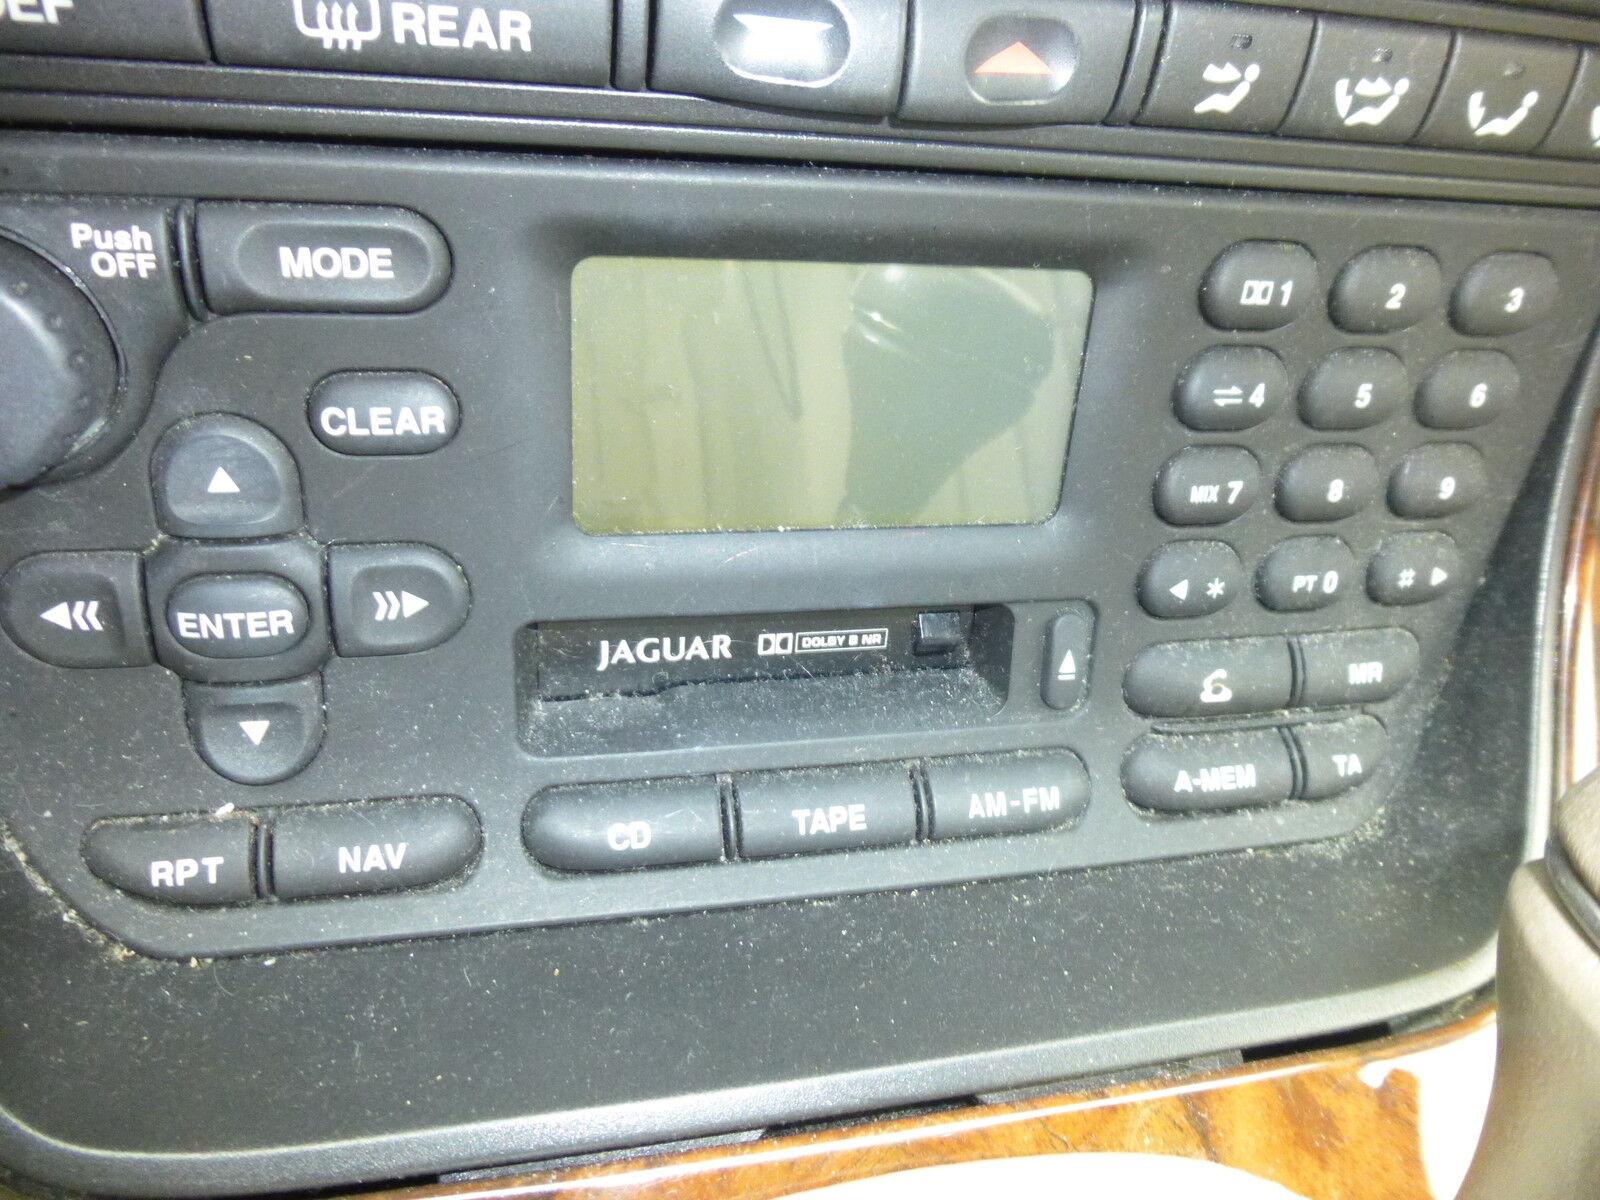 1992 jaguar vanden plas xj40 stereo wiring jaguar xj8 xjr vanden plas 1998 1999 2000 2001 2002 2003 ... #3